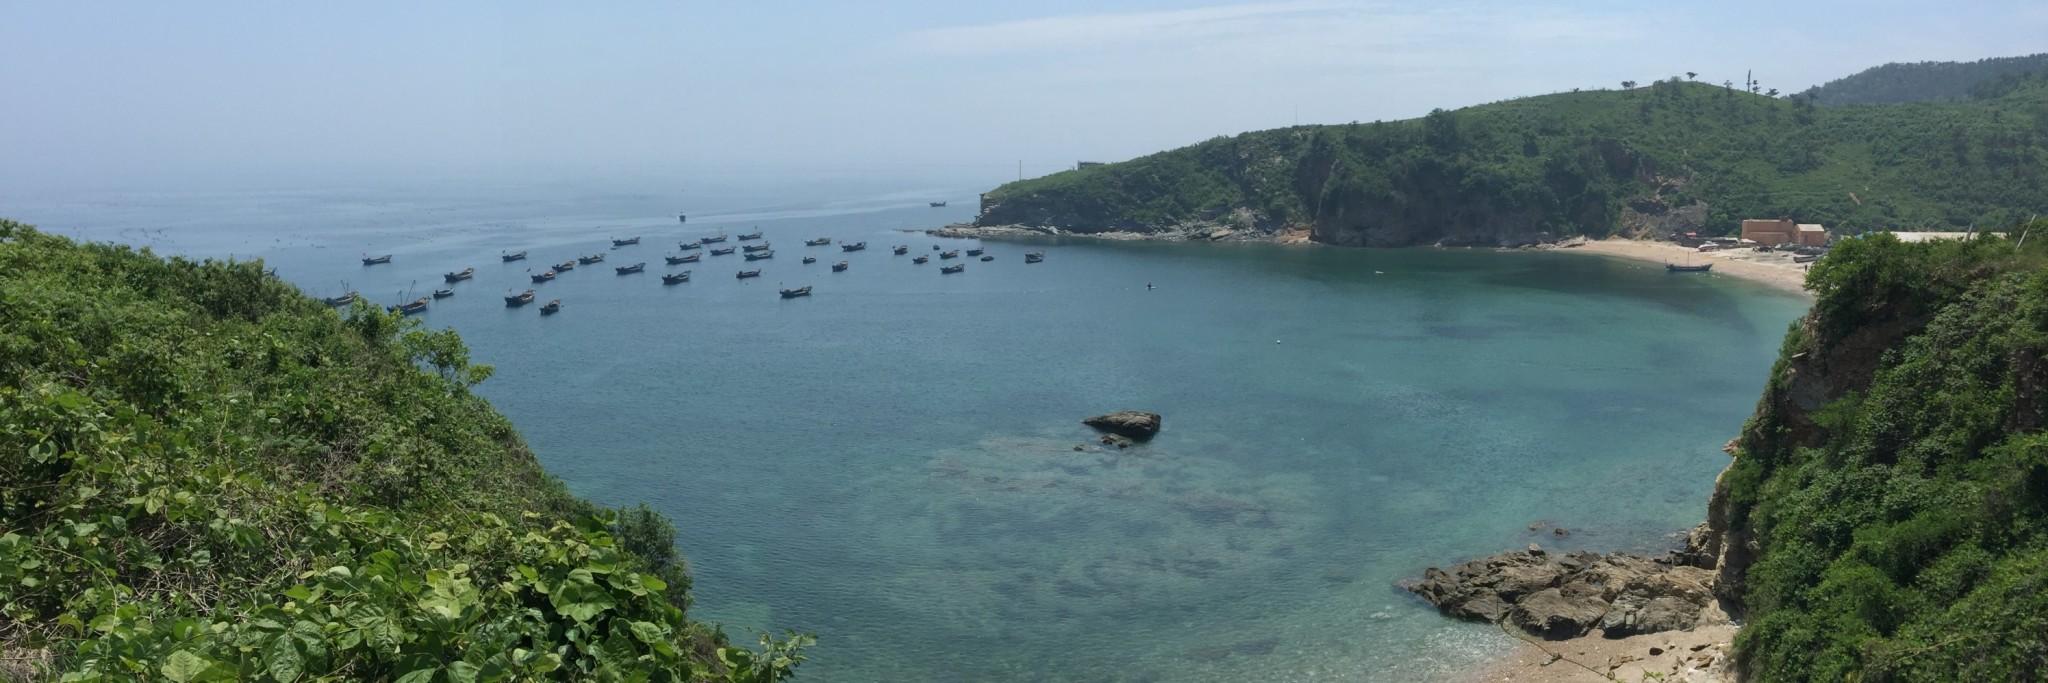 大连广鹿岛悠闲两日游,看海吃海鲜,哟西!,大连旅游